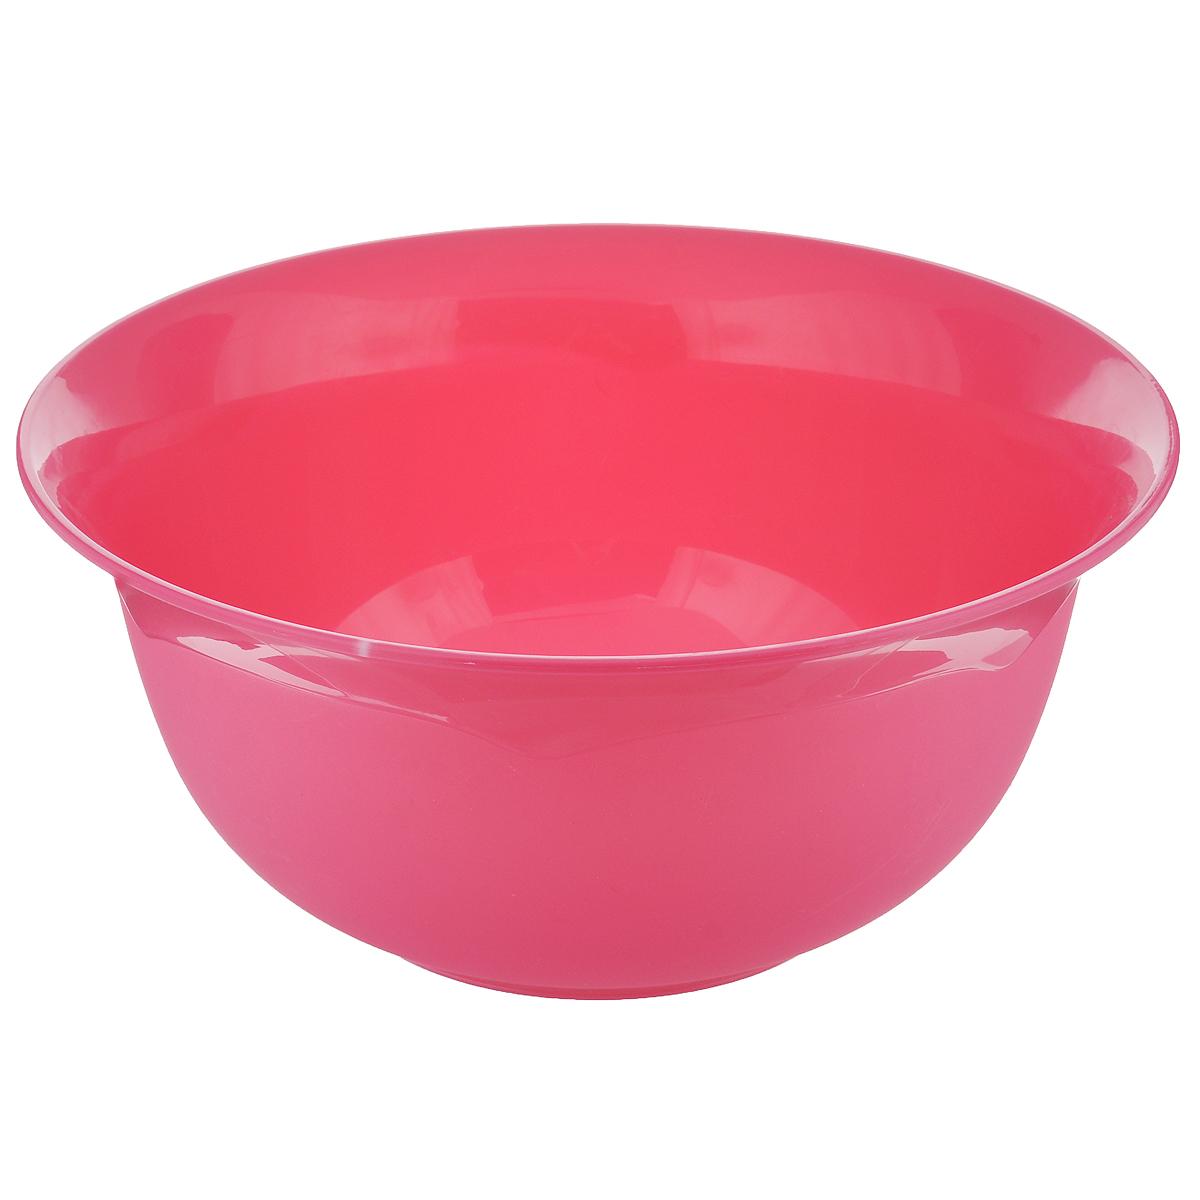 Миска Dunya Plastik, цвет: розовый, 4,4 л10165 розовыйМиска Dunya Plastik изготовлена из пищевого пластика круглой формы. Изделие очень функционально, оно пригодится на кухне для самых разнообразных нужд: в качестве салатника, миски, тарелки. Можно мыть в посудомоечной машине. Объем: 4,4 л. Диаметр: 27 см. Высота стенки: 12,5 см.